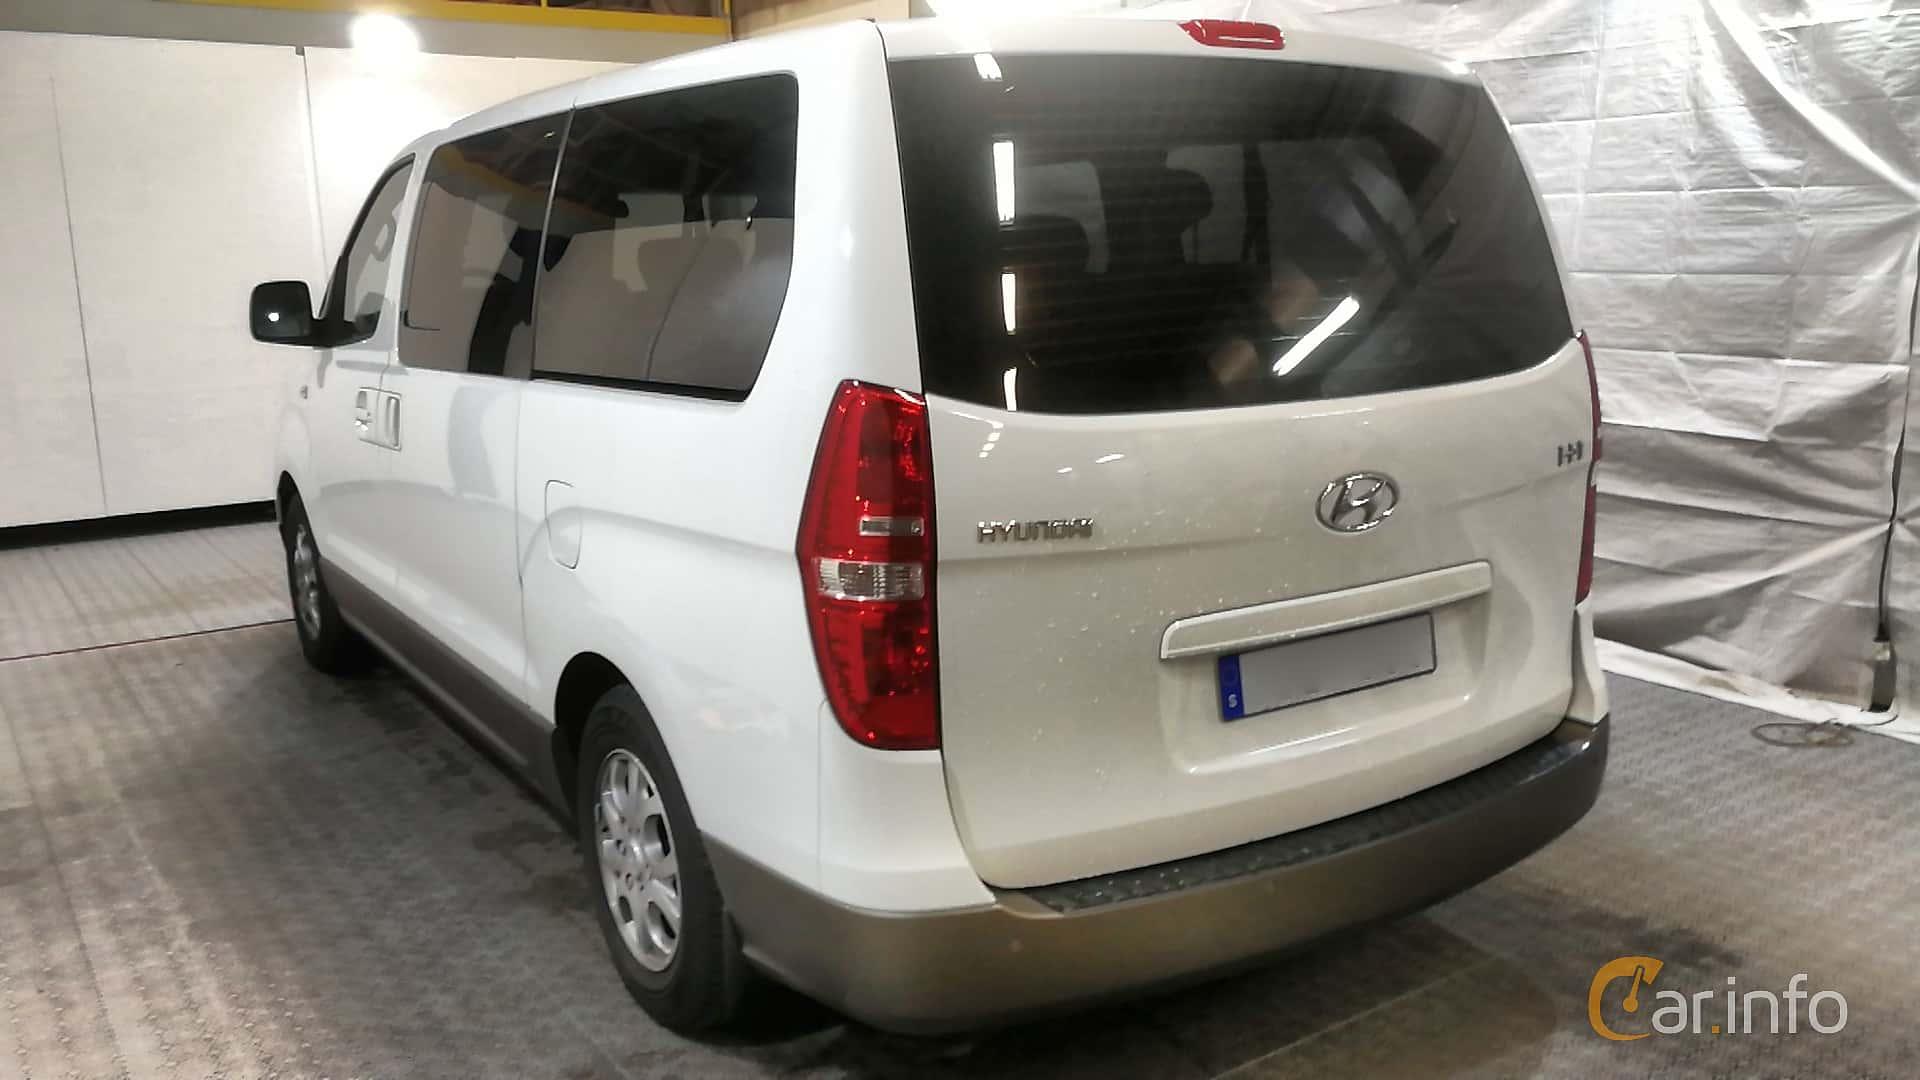 Hyundai H-1 Travel 2.5 CRDi Manuell, 170hk, 2009